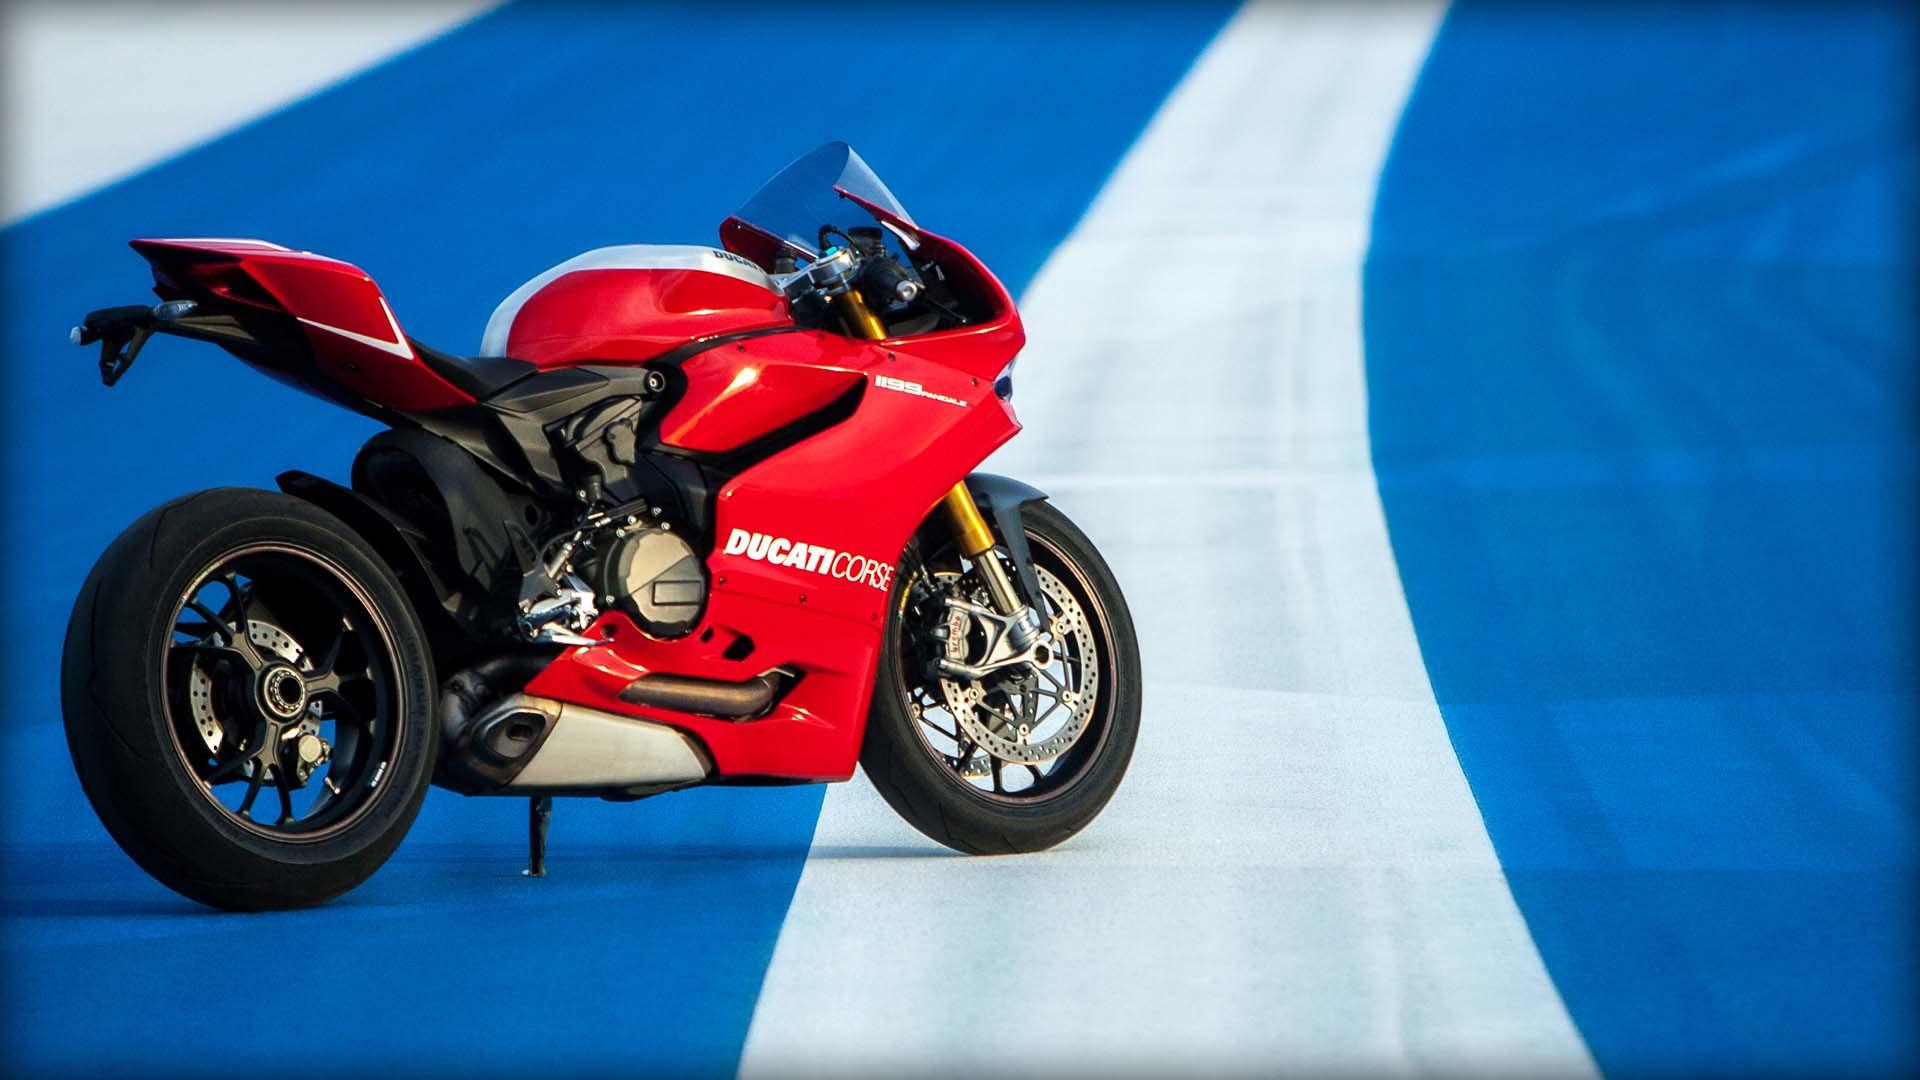 2014 Ducati  | Ducati 1199 Panigale R - Track Ready